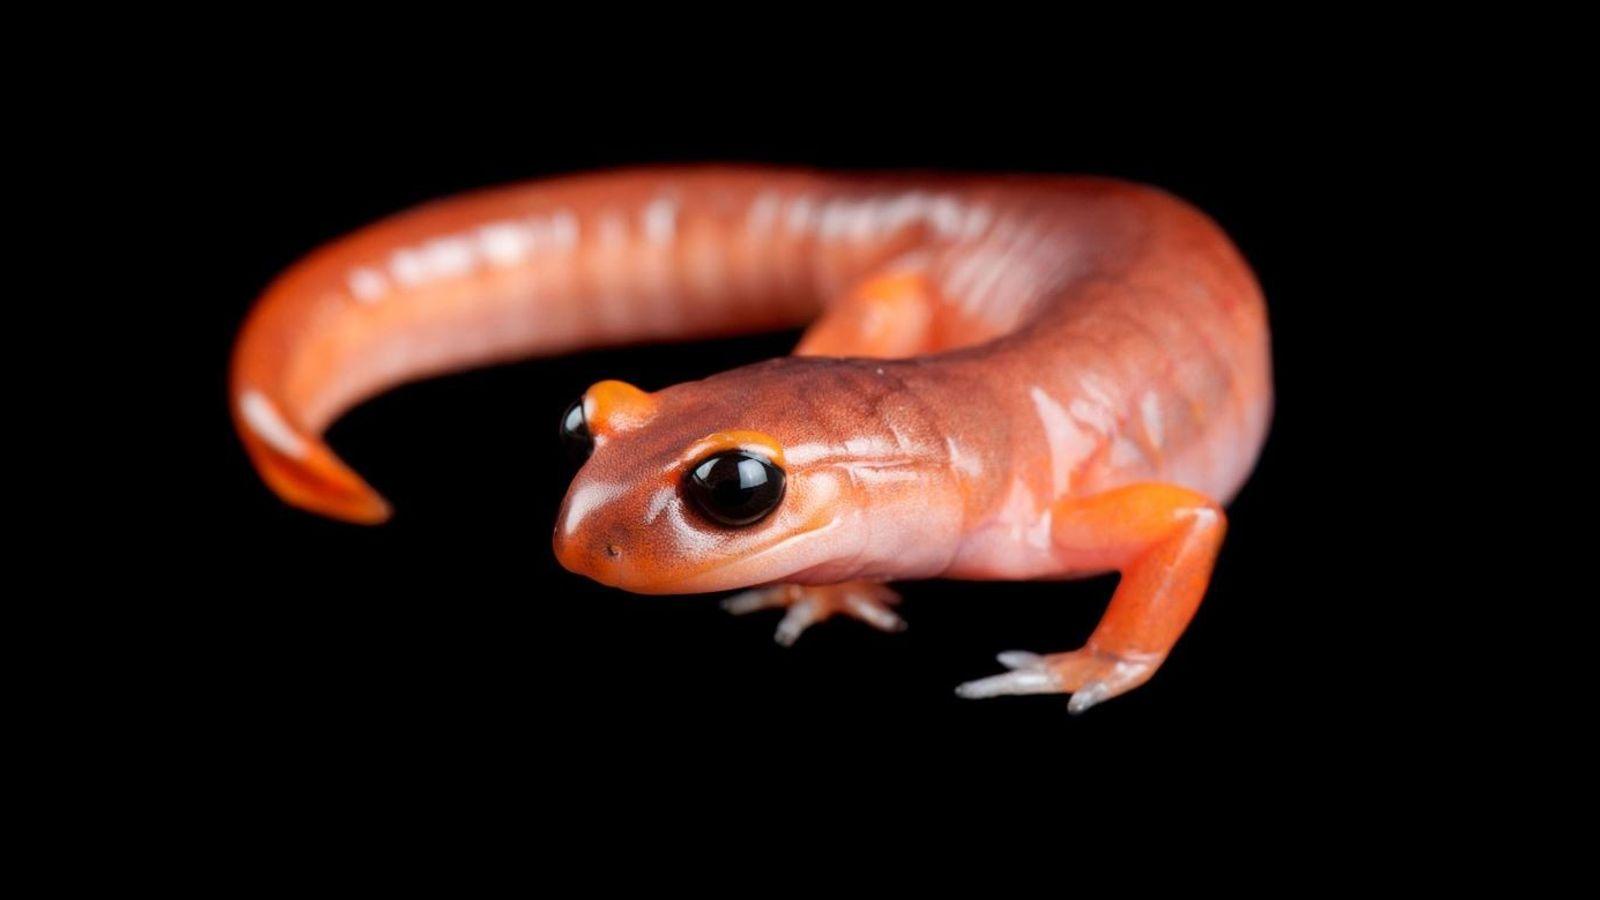 Salamandra da espécie Ensatina eschscholtzii eschscholtzii.